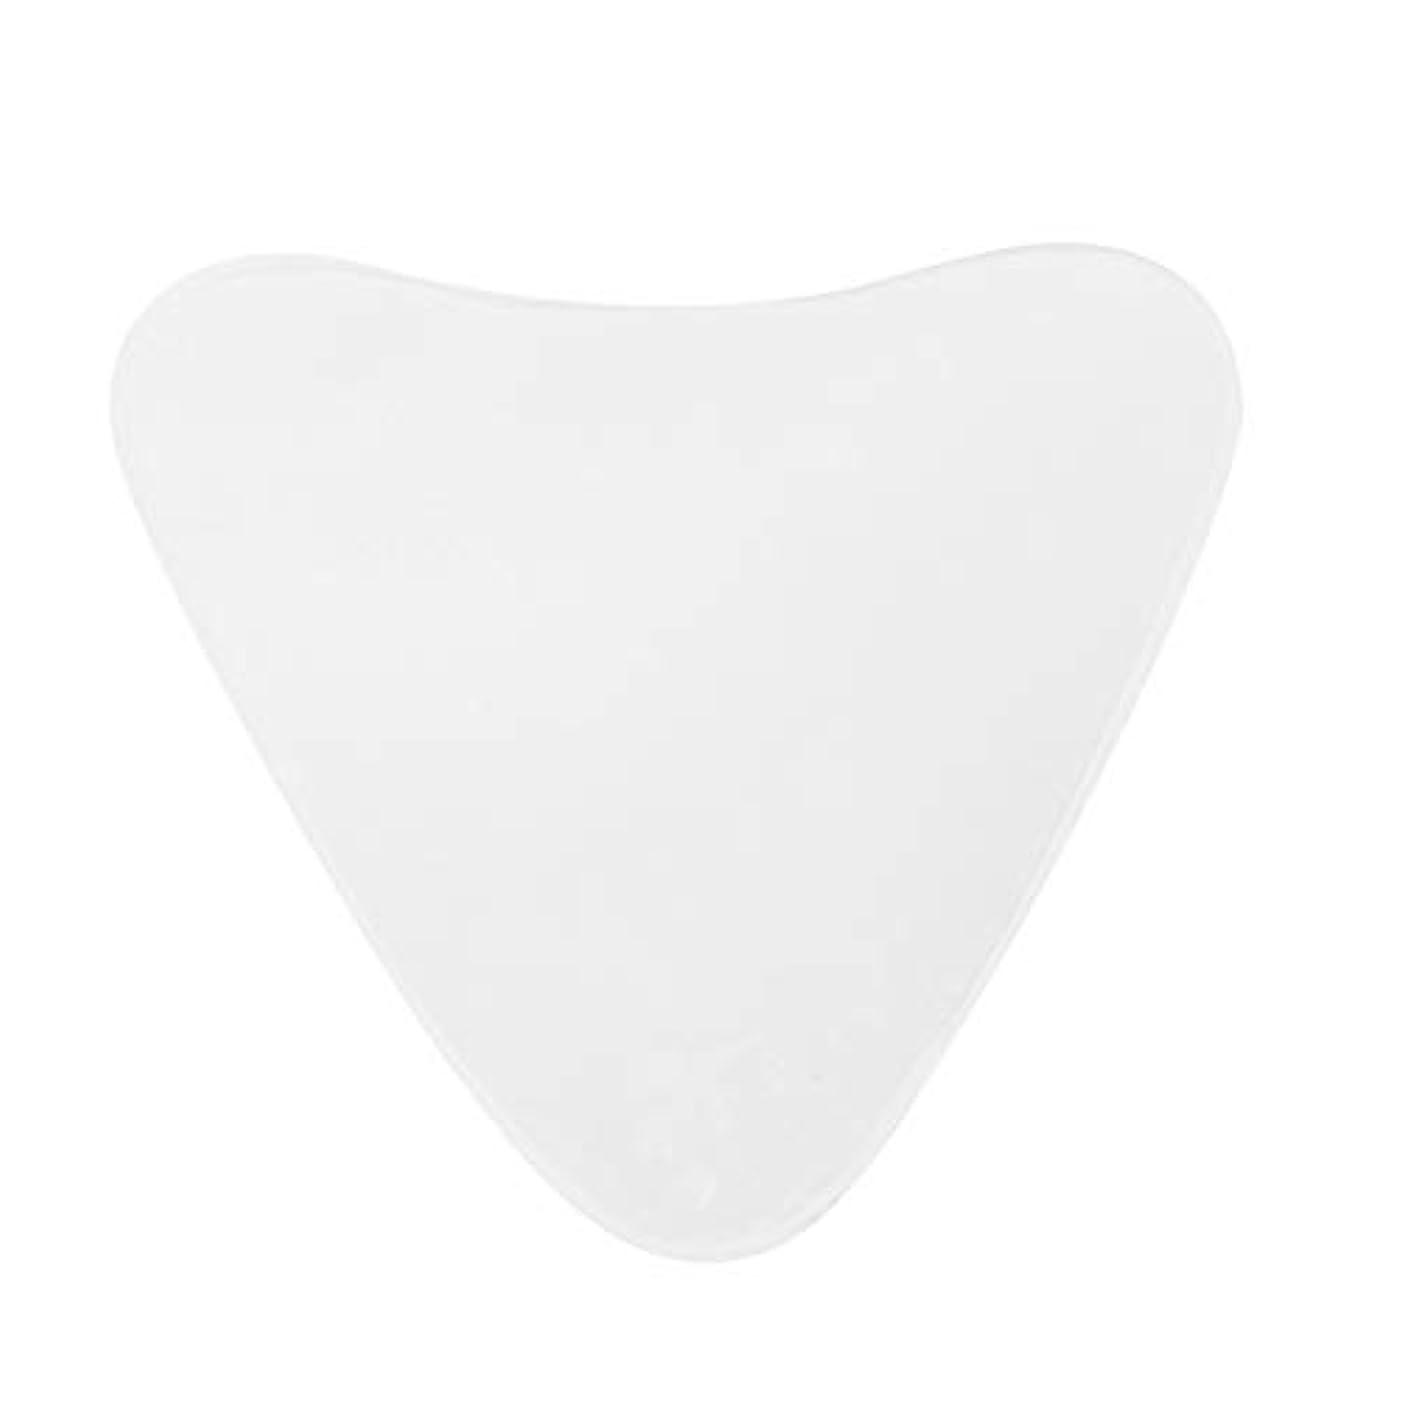 エジプト織る元気Healifty 女性のための三角形のしわ防止胸パッドしわ防止再利用可能なシリコーン胸パッド